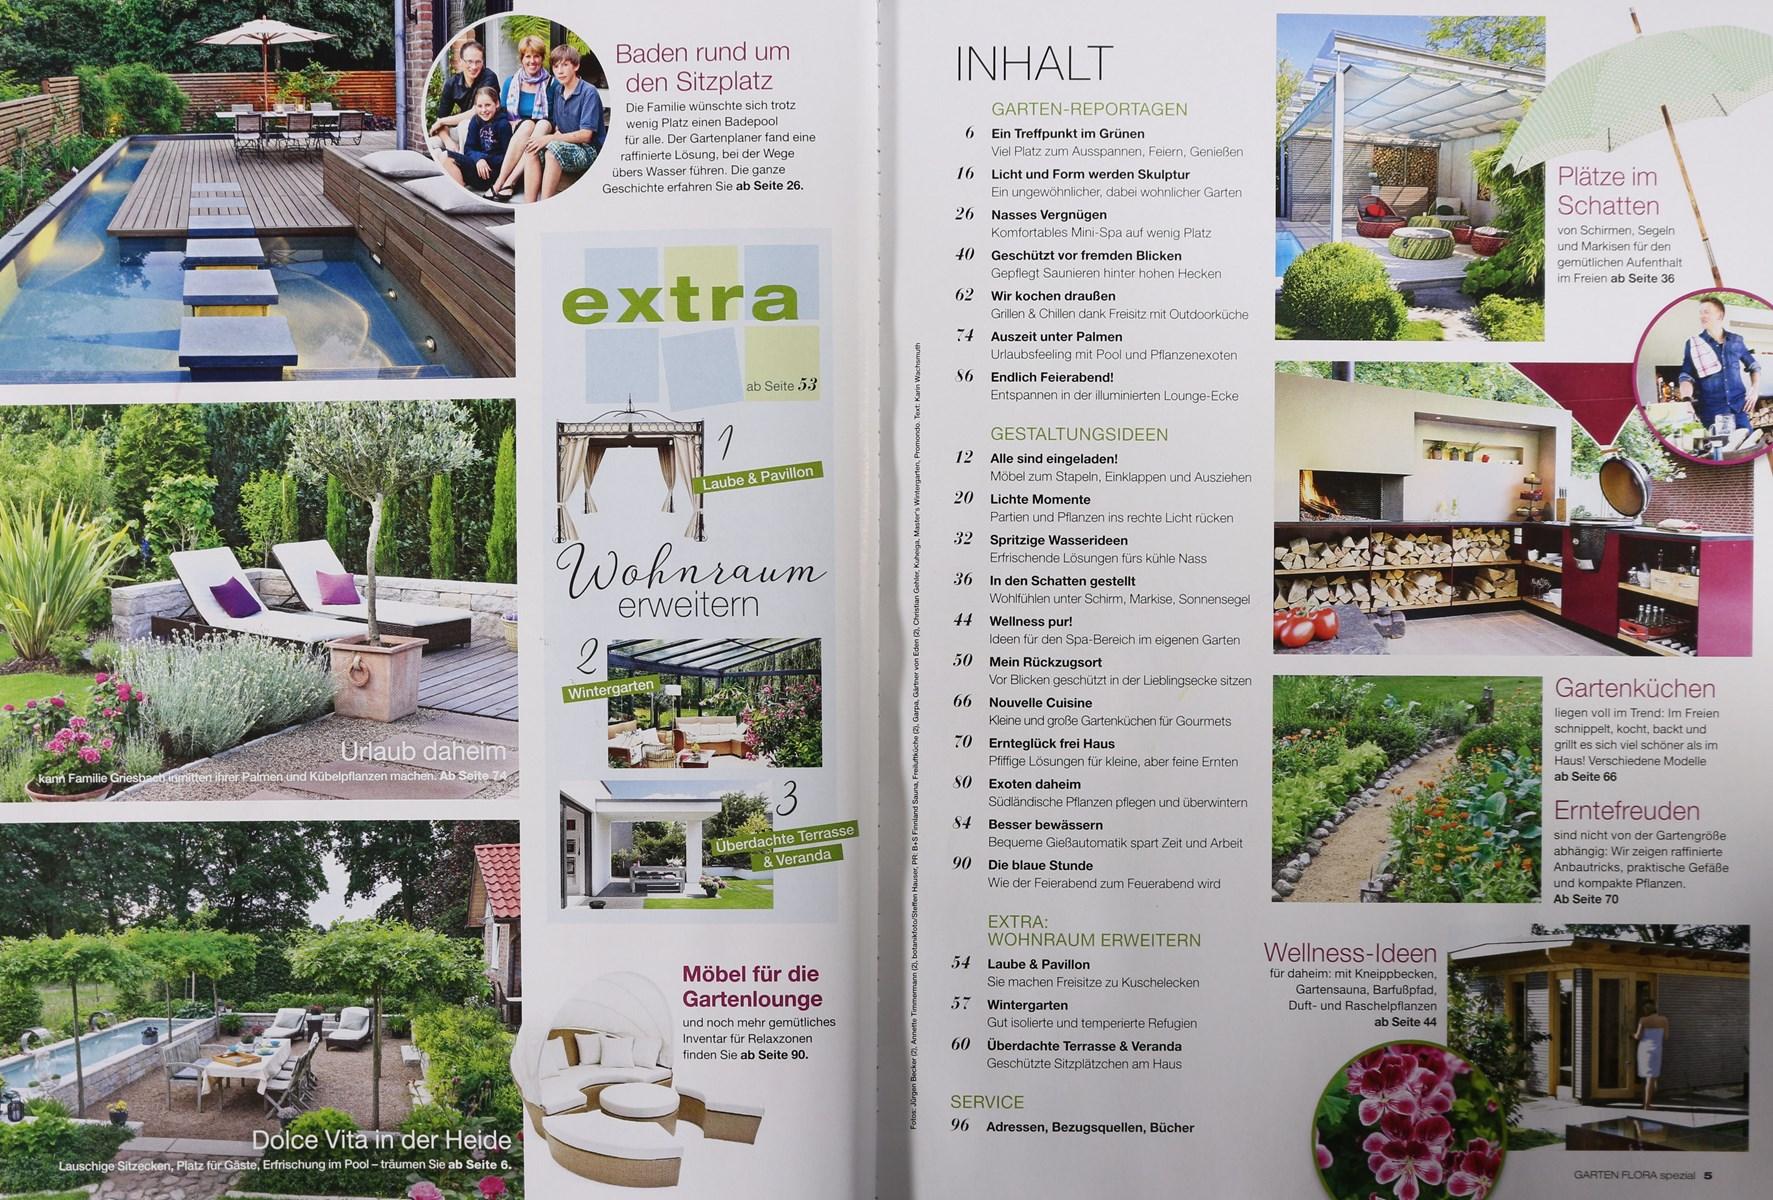 Outdoorküche Buch Buchung : Hauser outdoor küche. hessische küche kosten aktuell lübeck